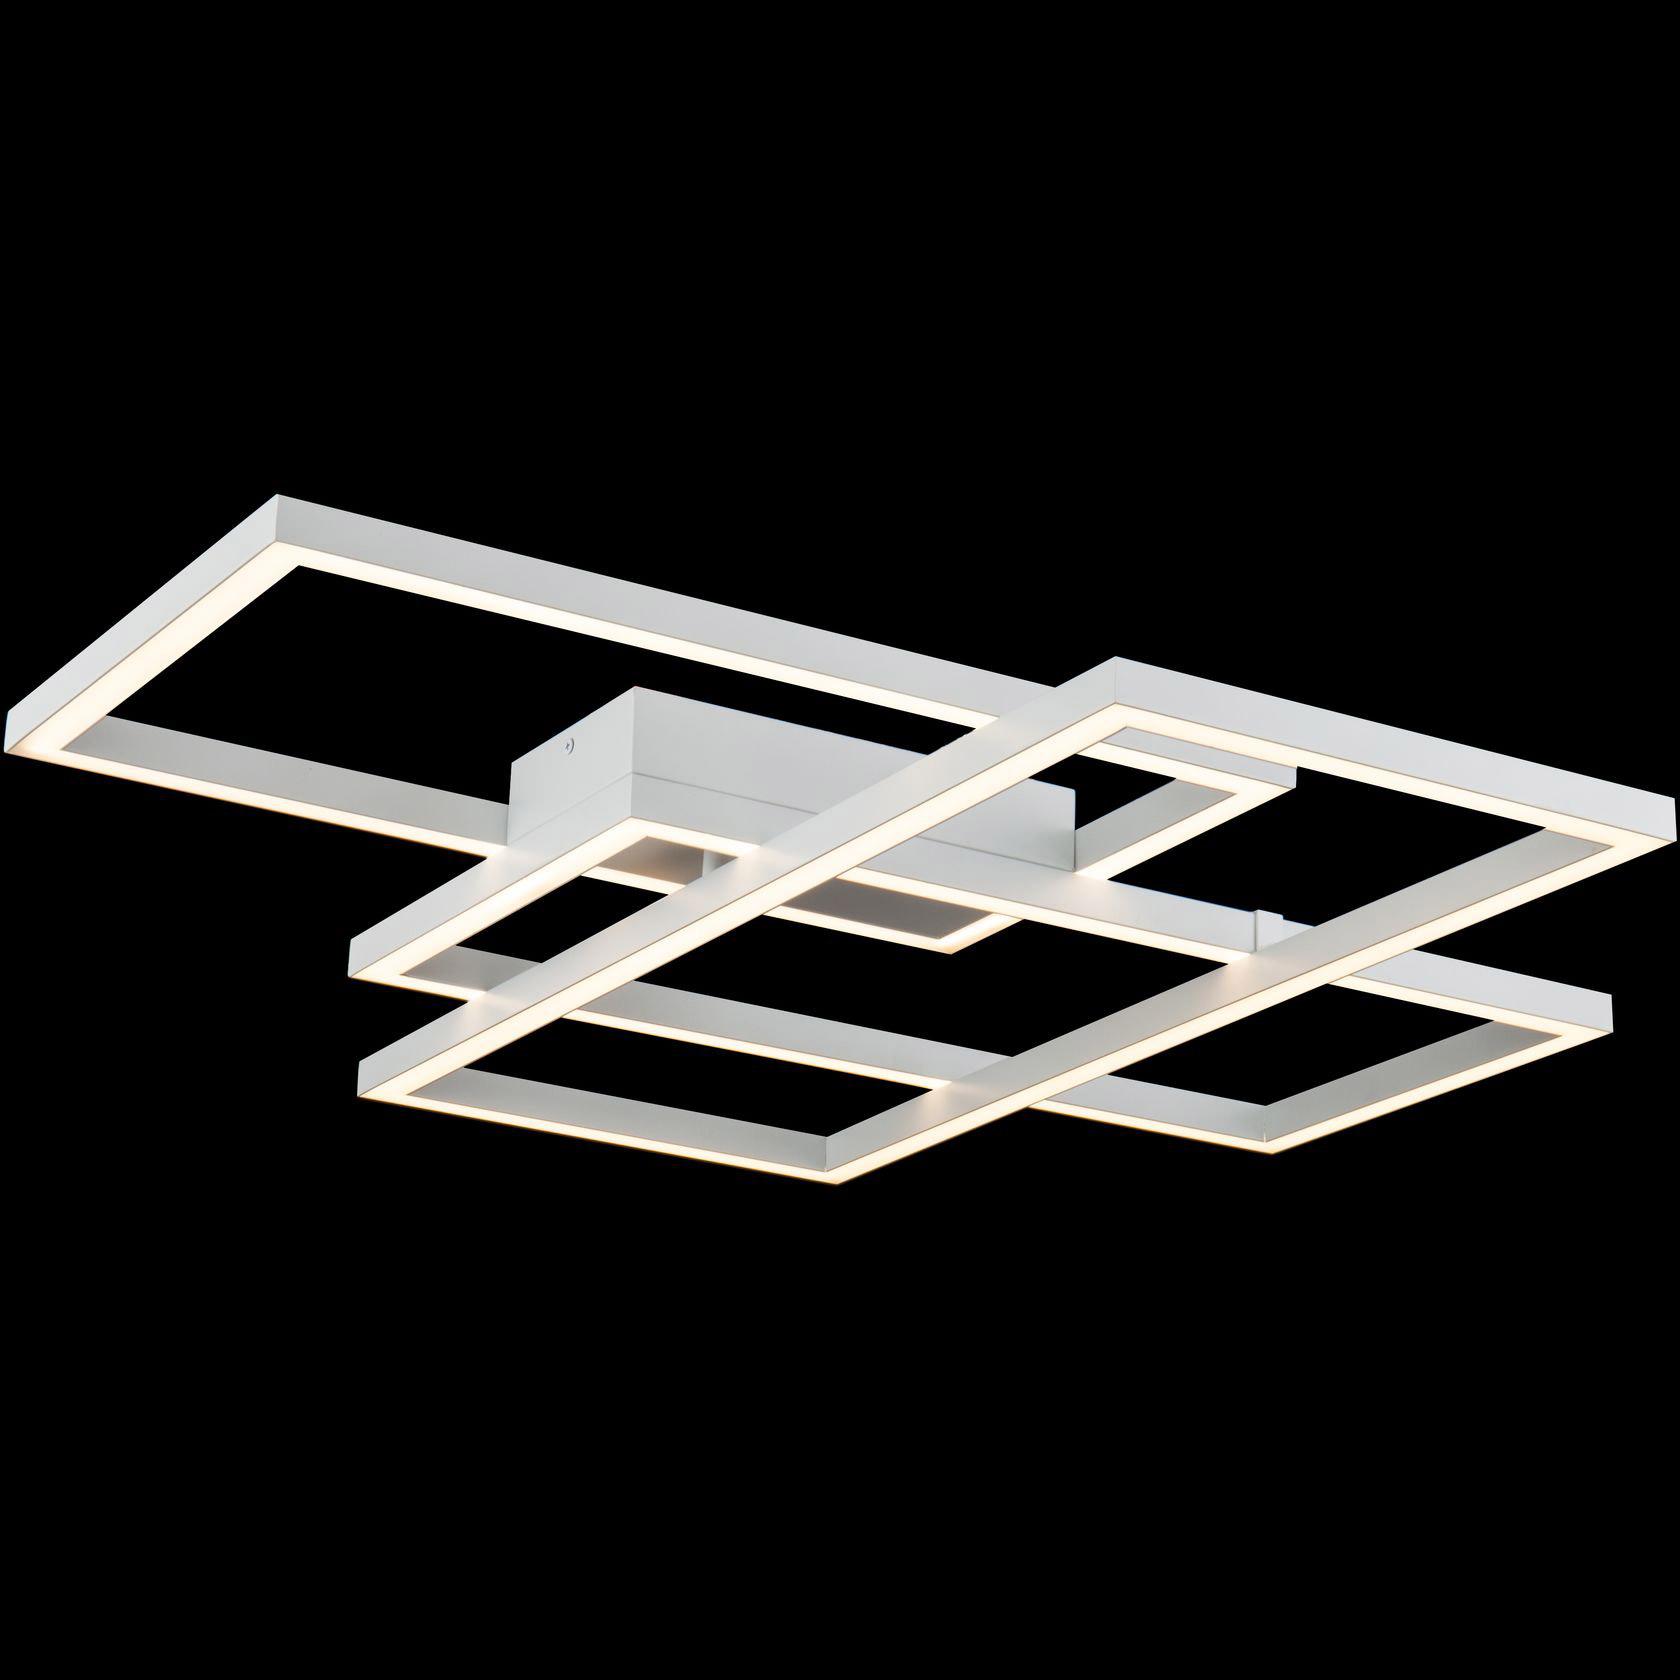 Lampa sufitowa proste, białe linie LED Line Maytoni